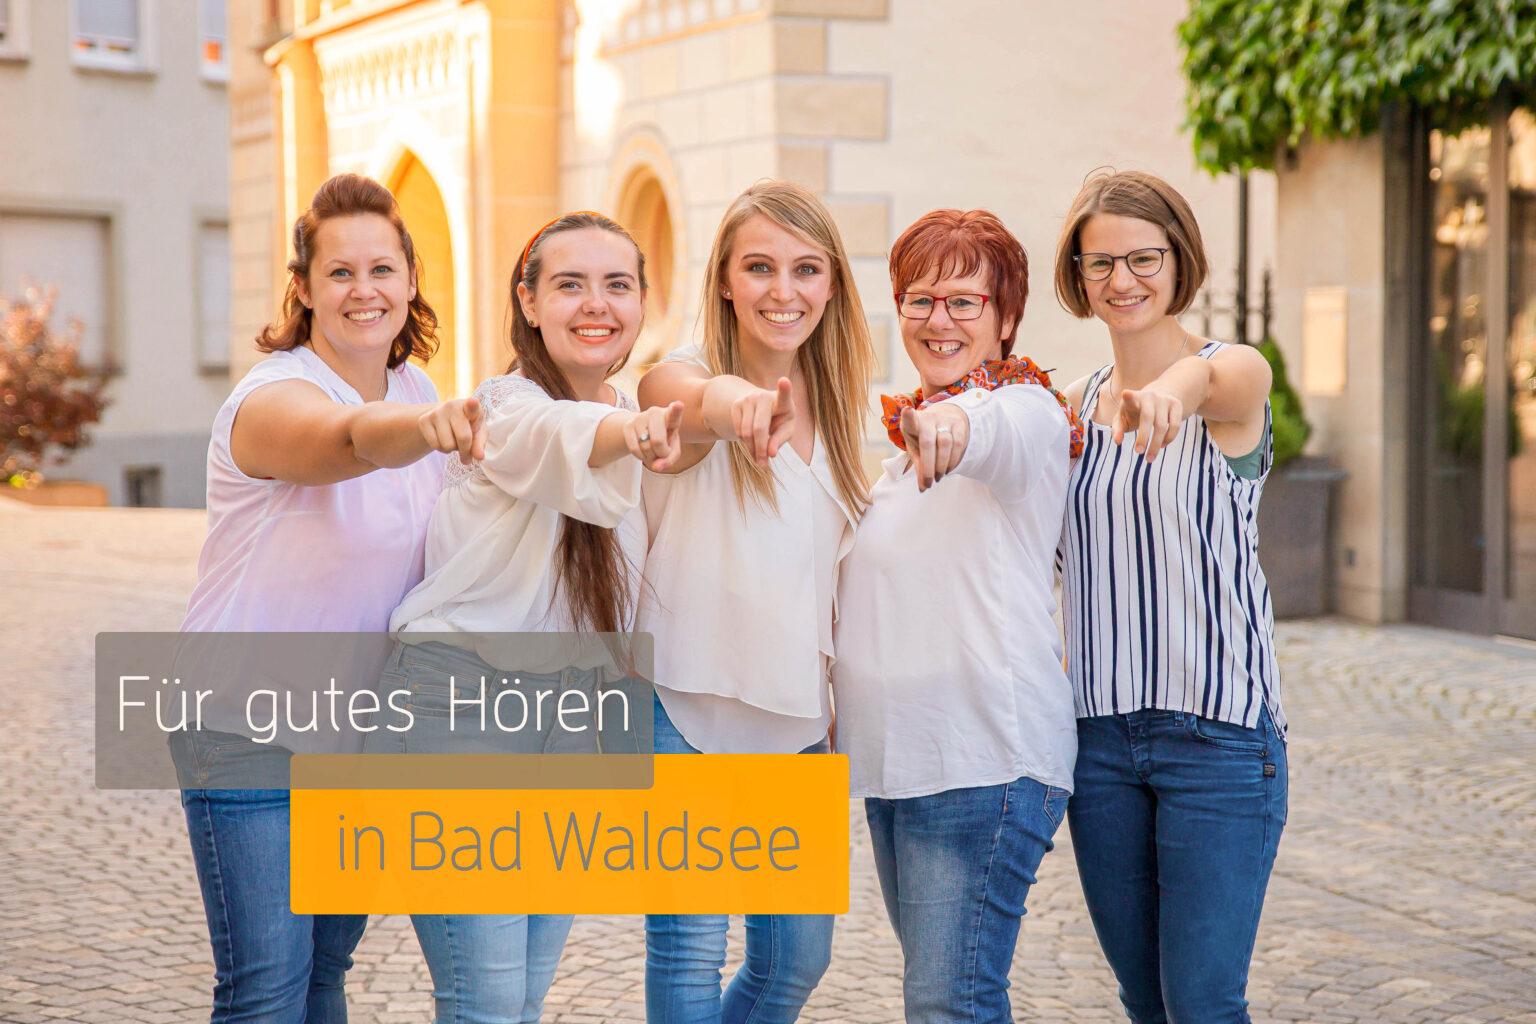 WillkommenFotoHomepageWaldsee